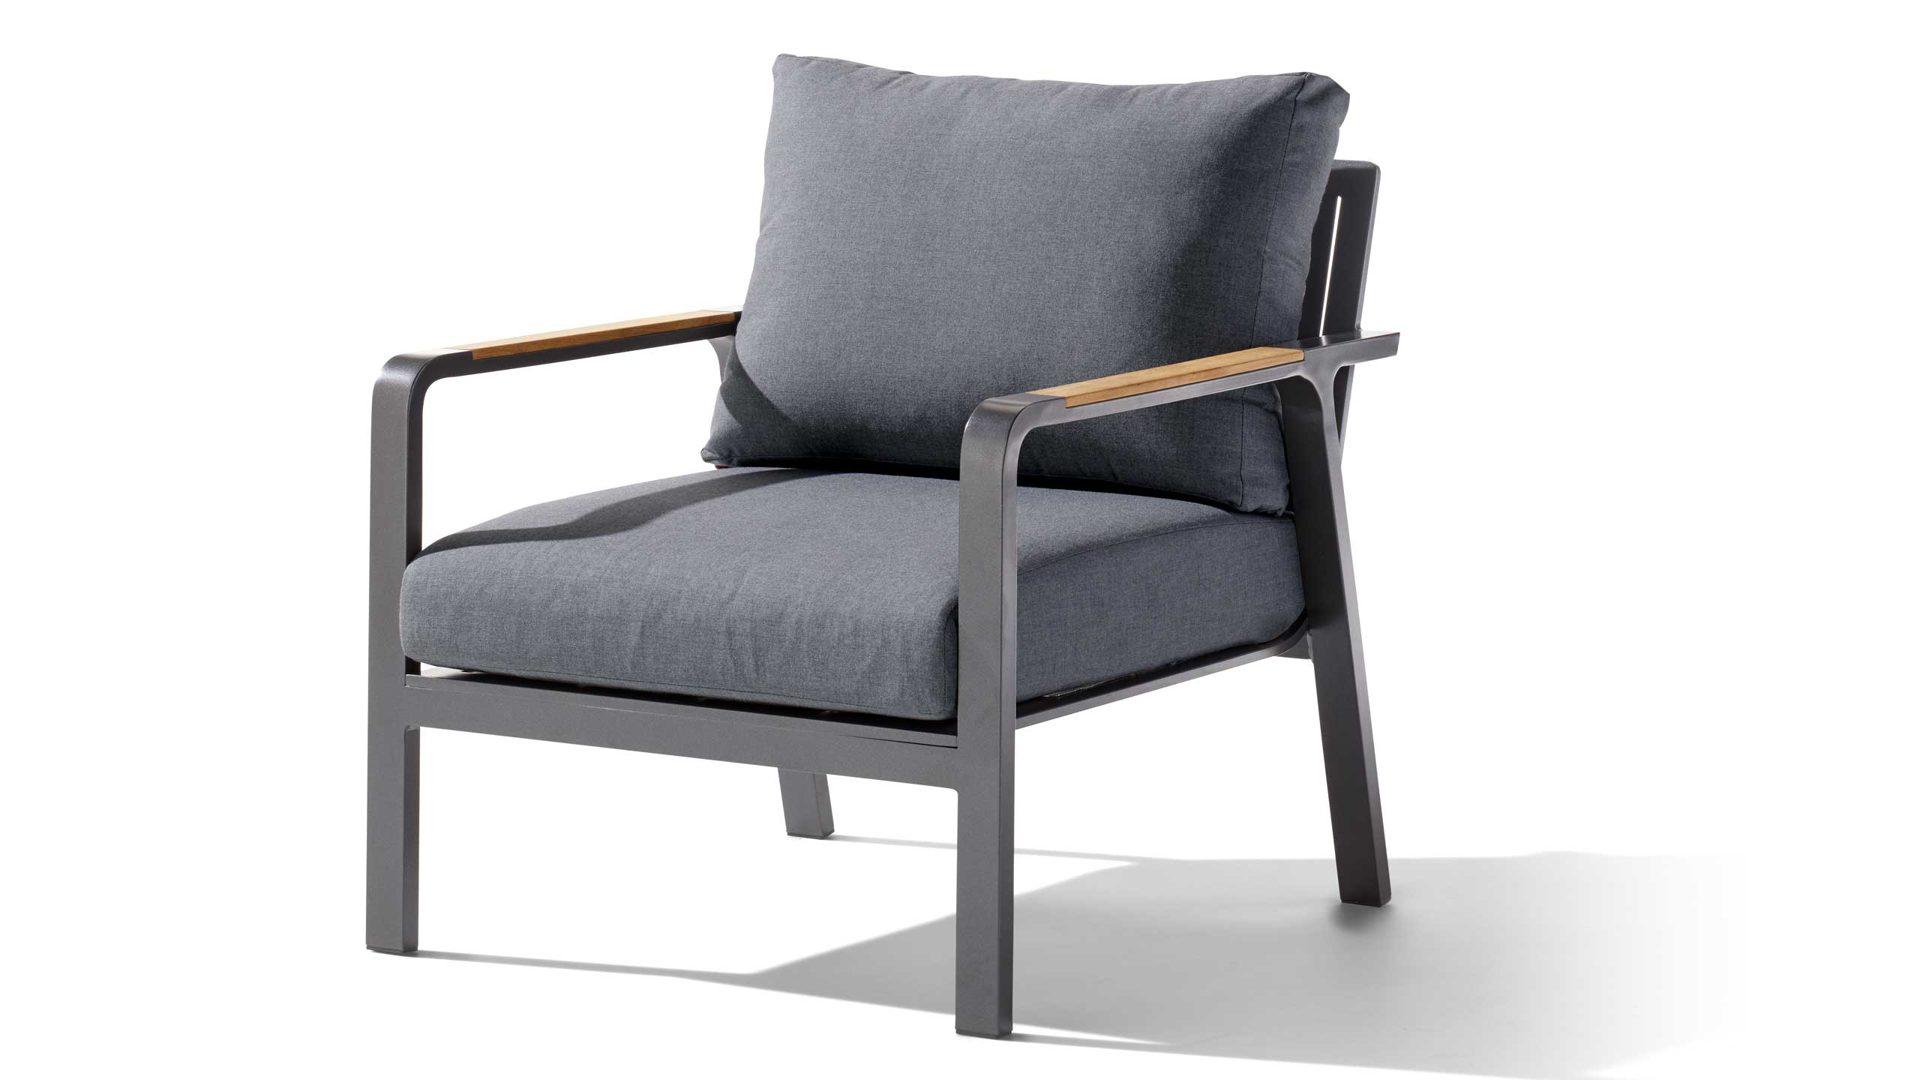 Loungemöbel Sieger In Grau Anthrazit Sieger Exclusiv Sessel 1 Sitzer Nassau  431 G G Gestell Aluminium